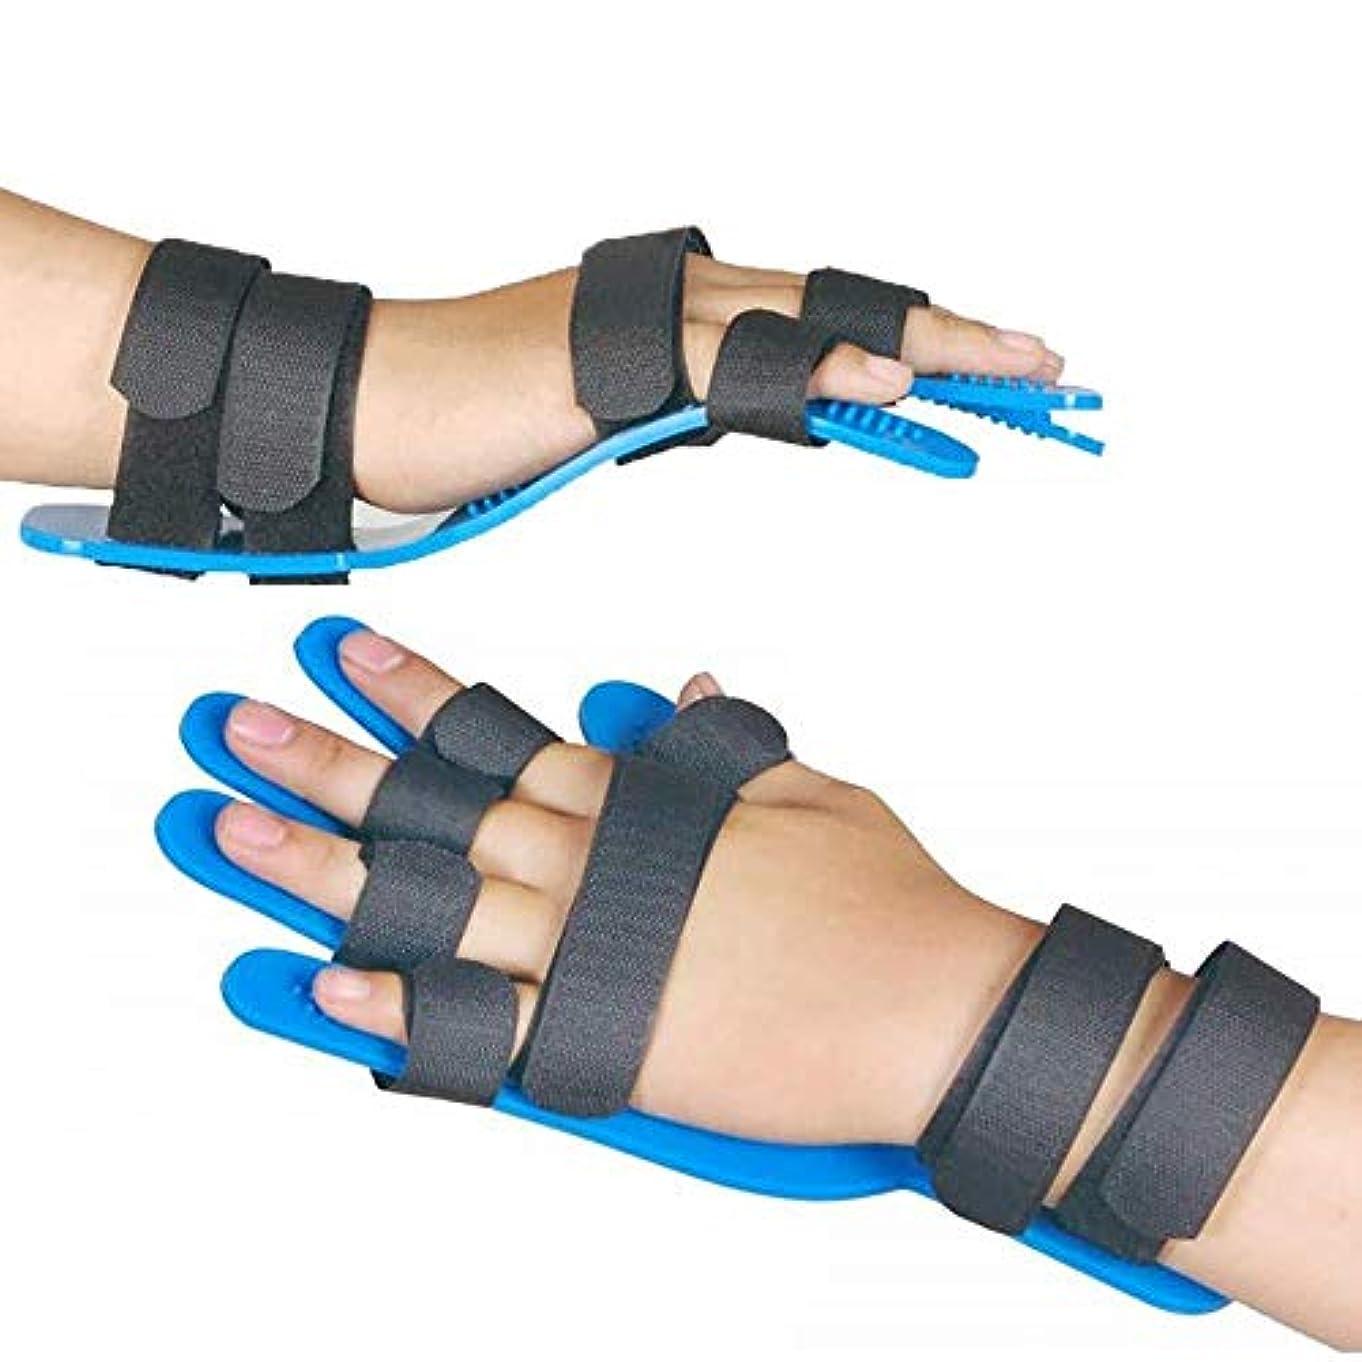 太い引き出し期間指の損傷のサポート、関節炎リハビリテーションのエクササイズツール、中立手首のサポート装具のサポート,1PCS